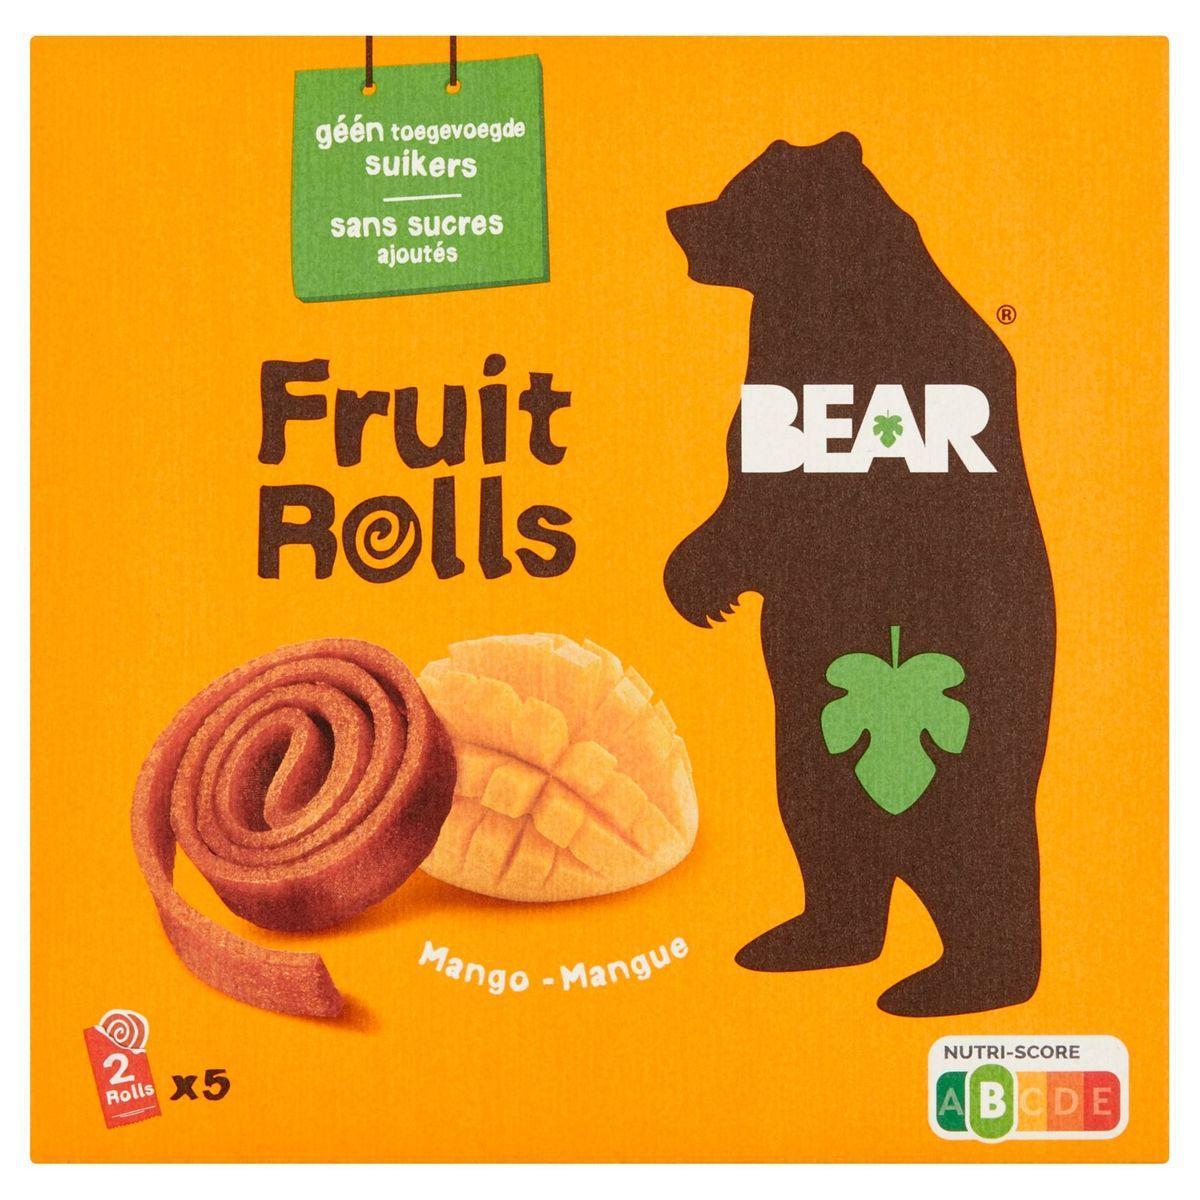 BEAR Fruit Rolls Mango, Fruit Snack, 5x2 rolletjes